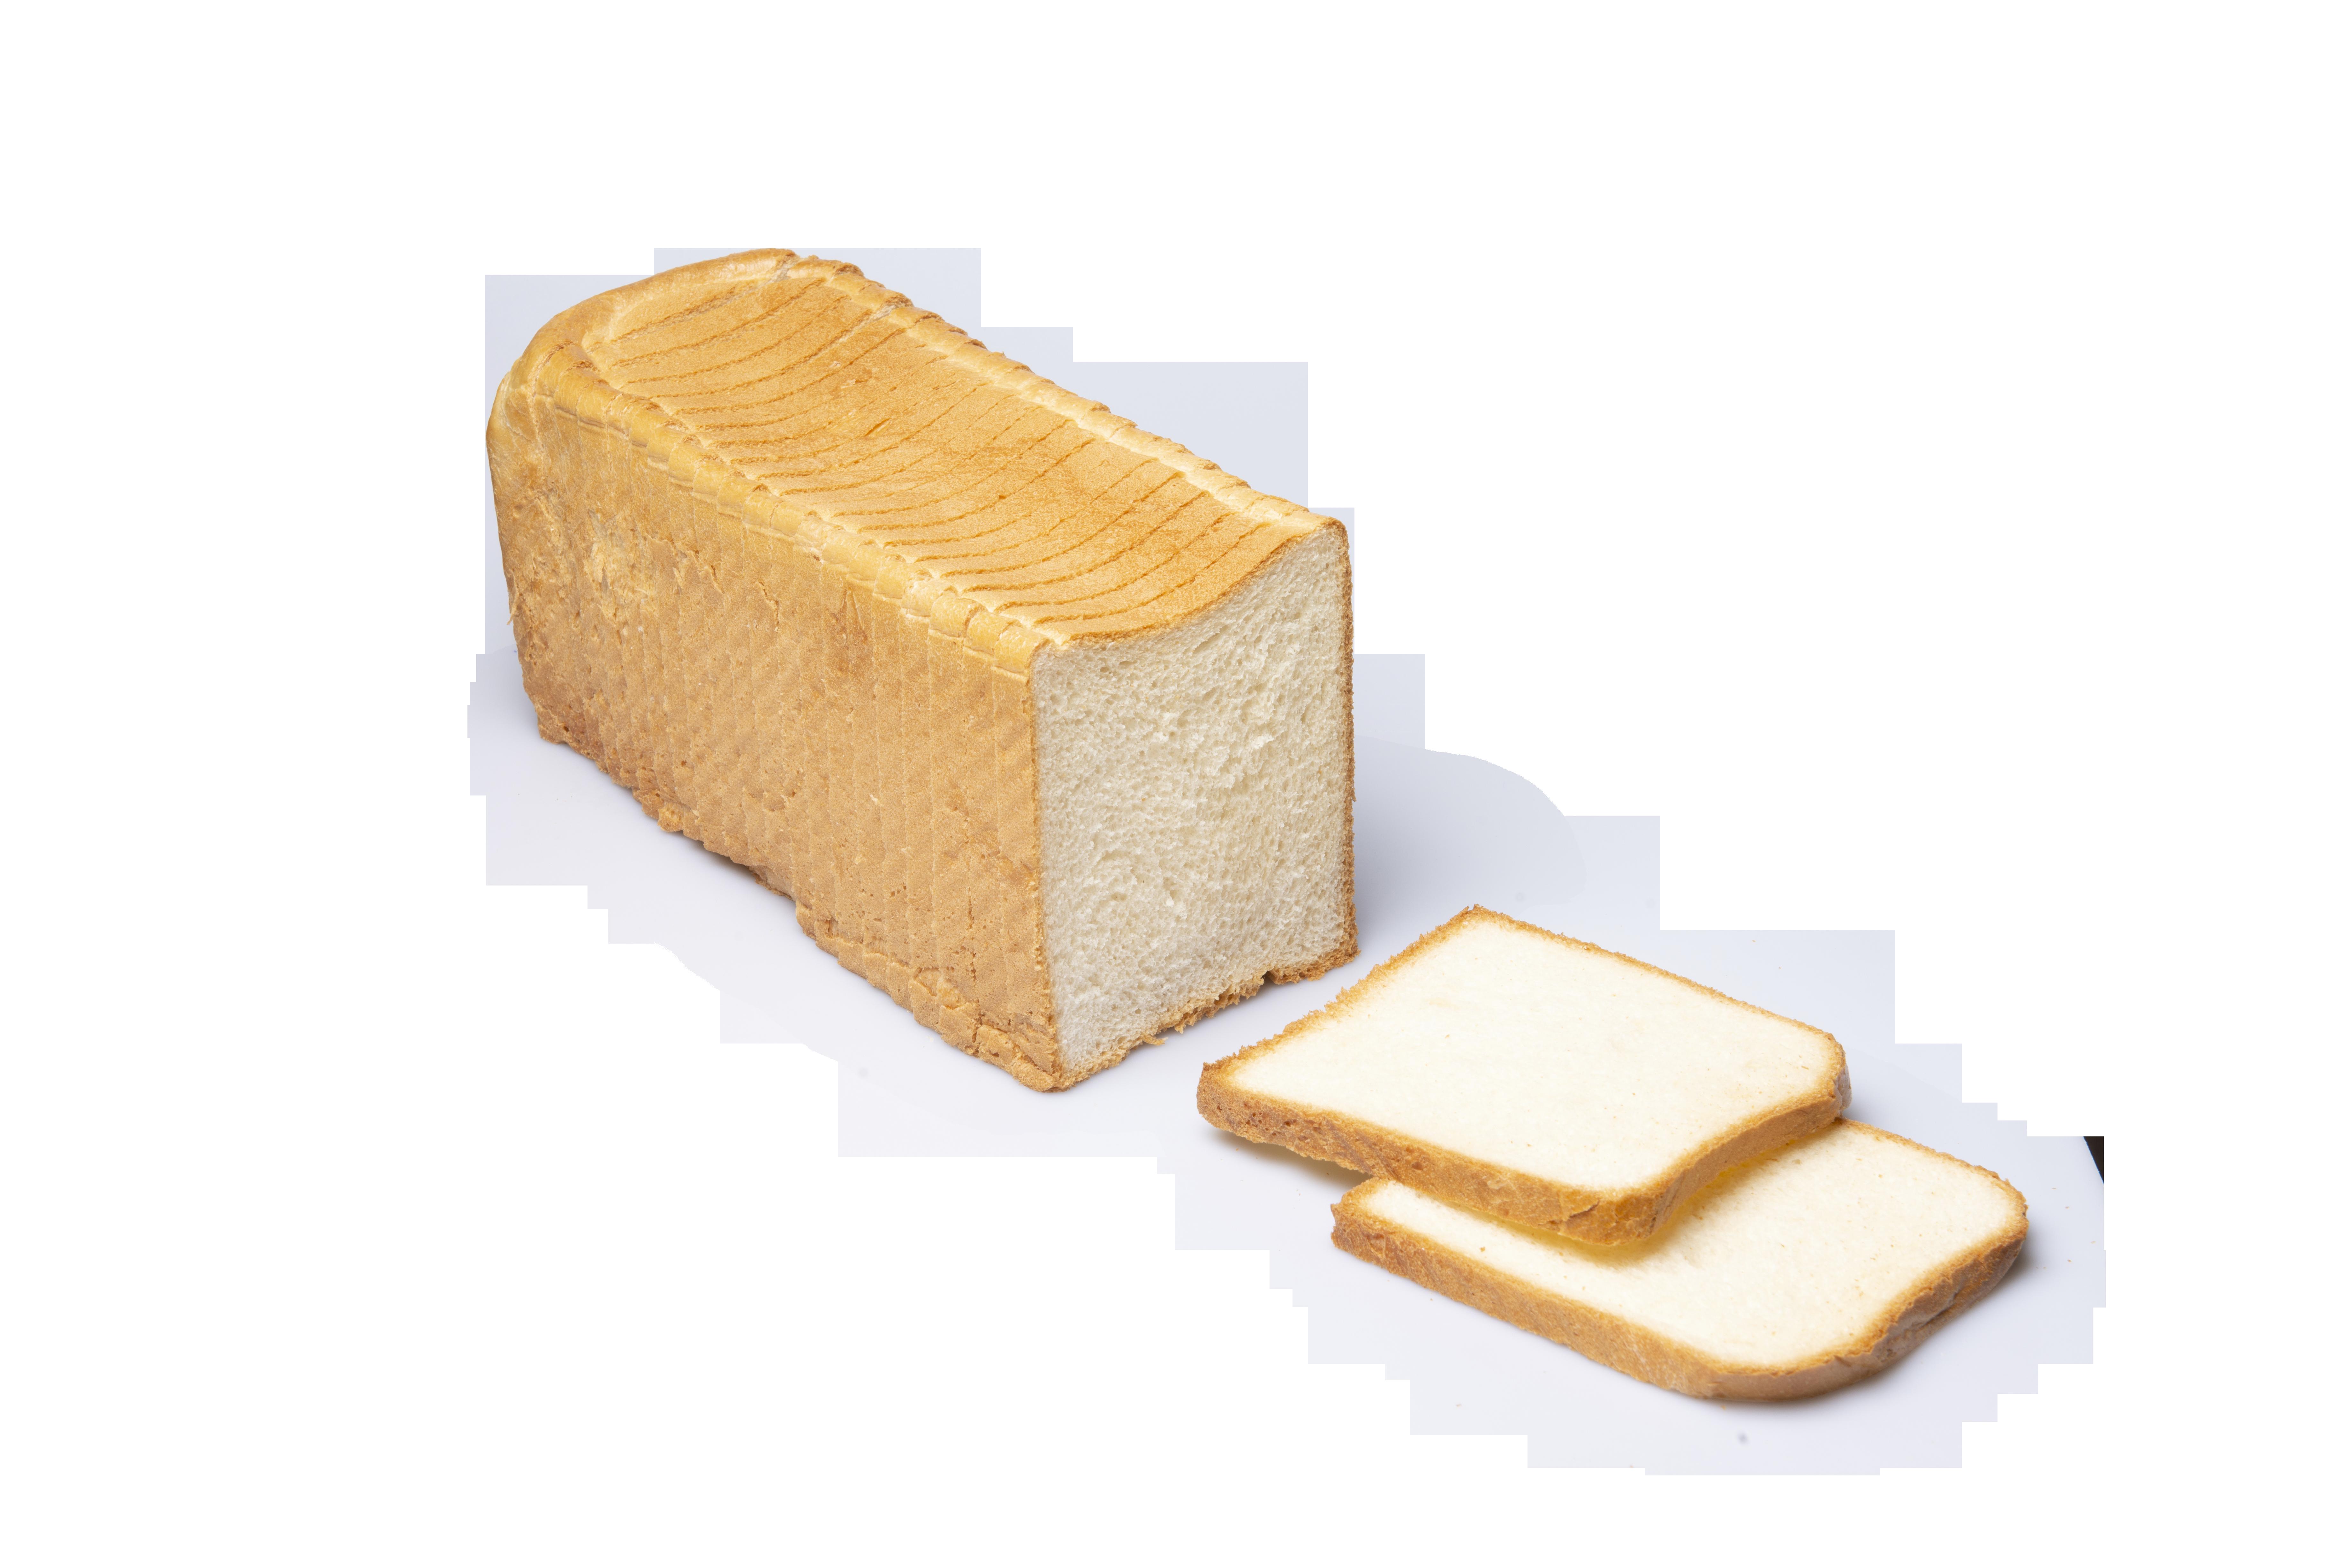 Öko Sandwich Toastbrot